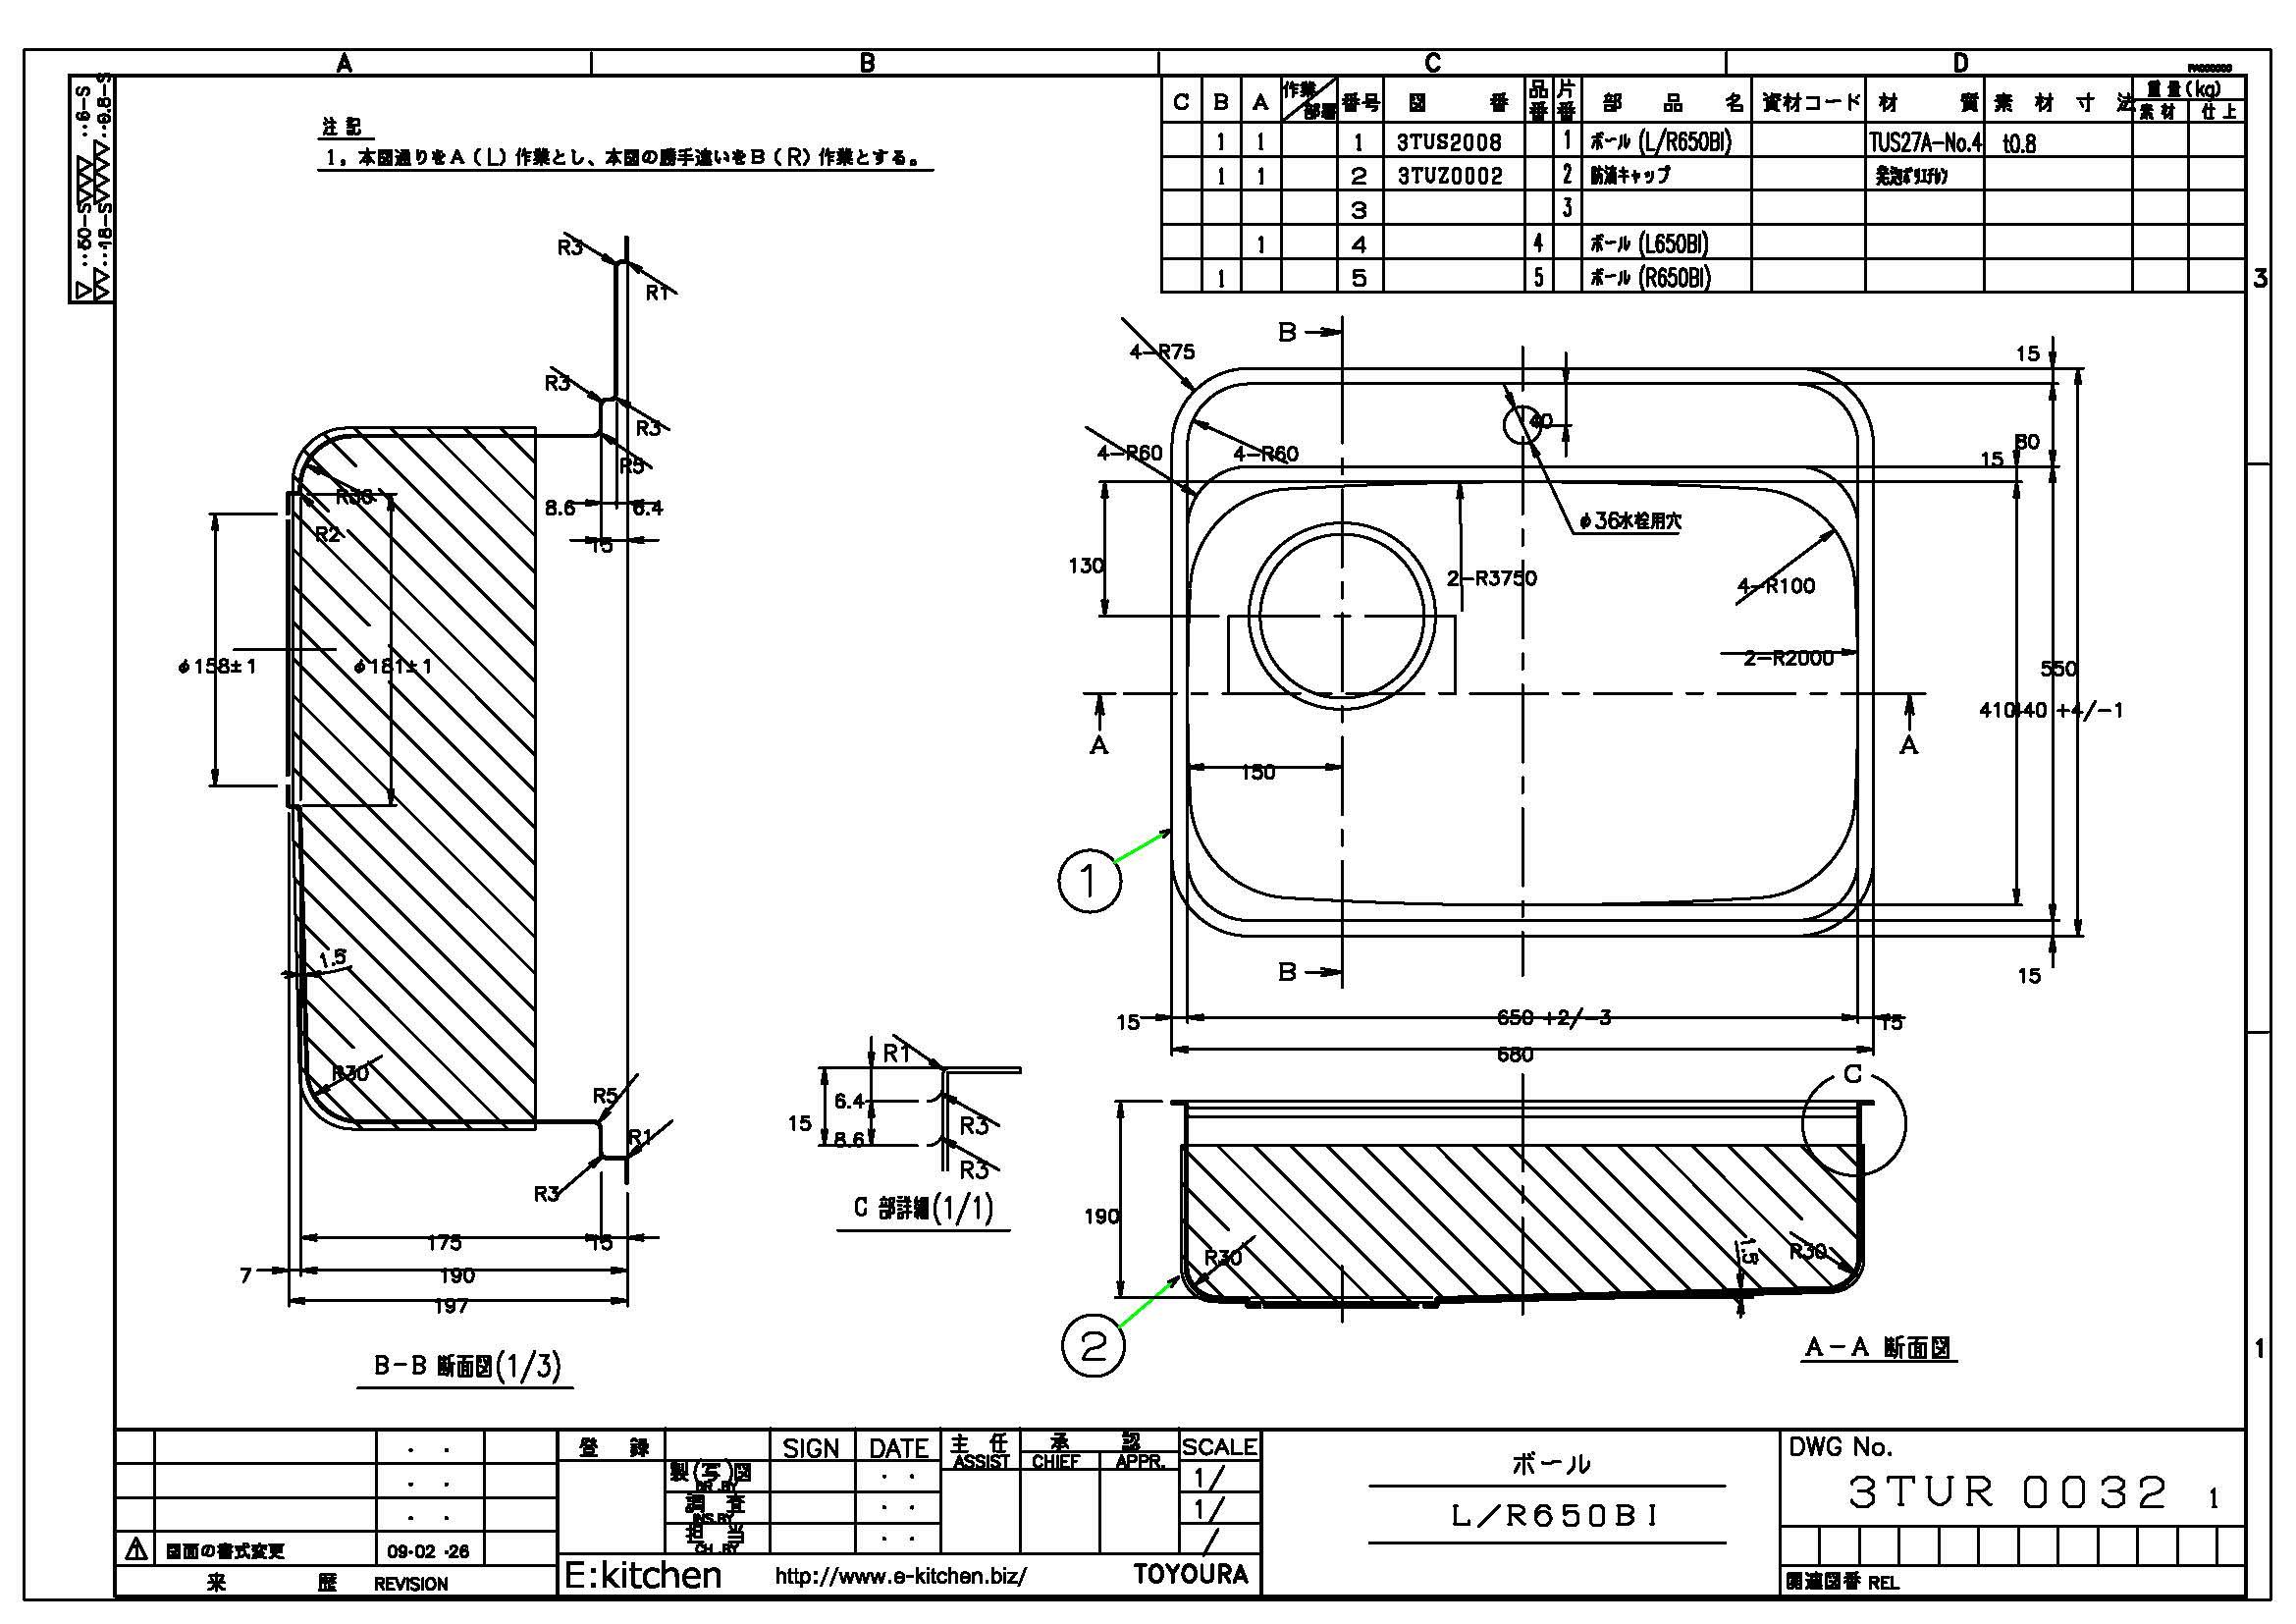 アンダーシンク R650BI